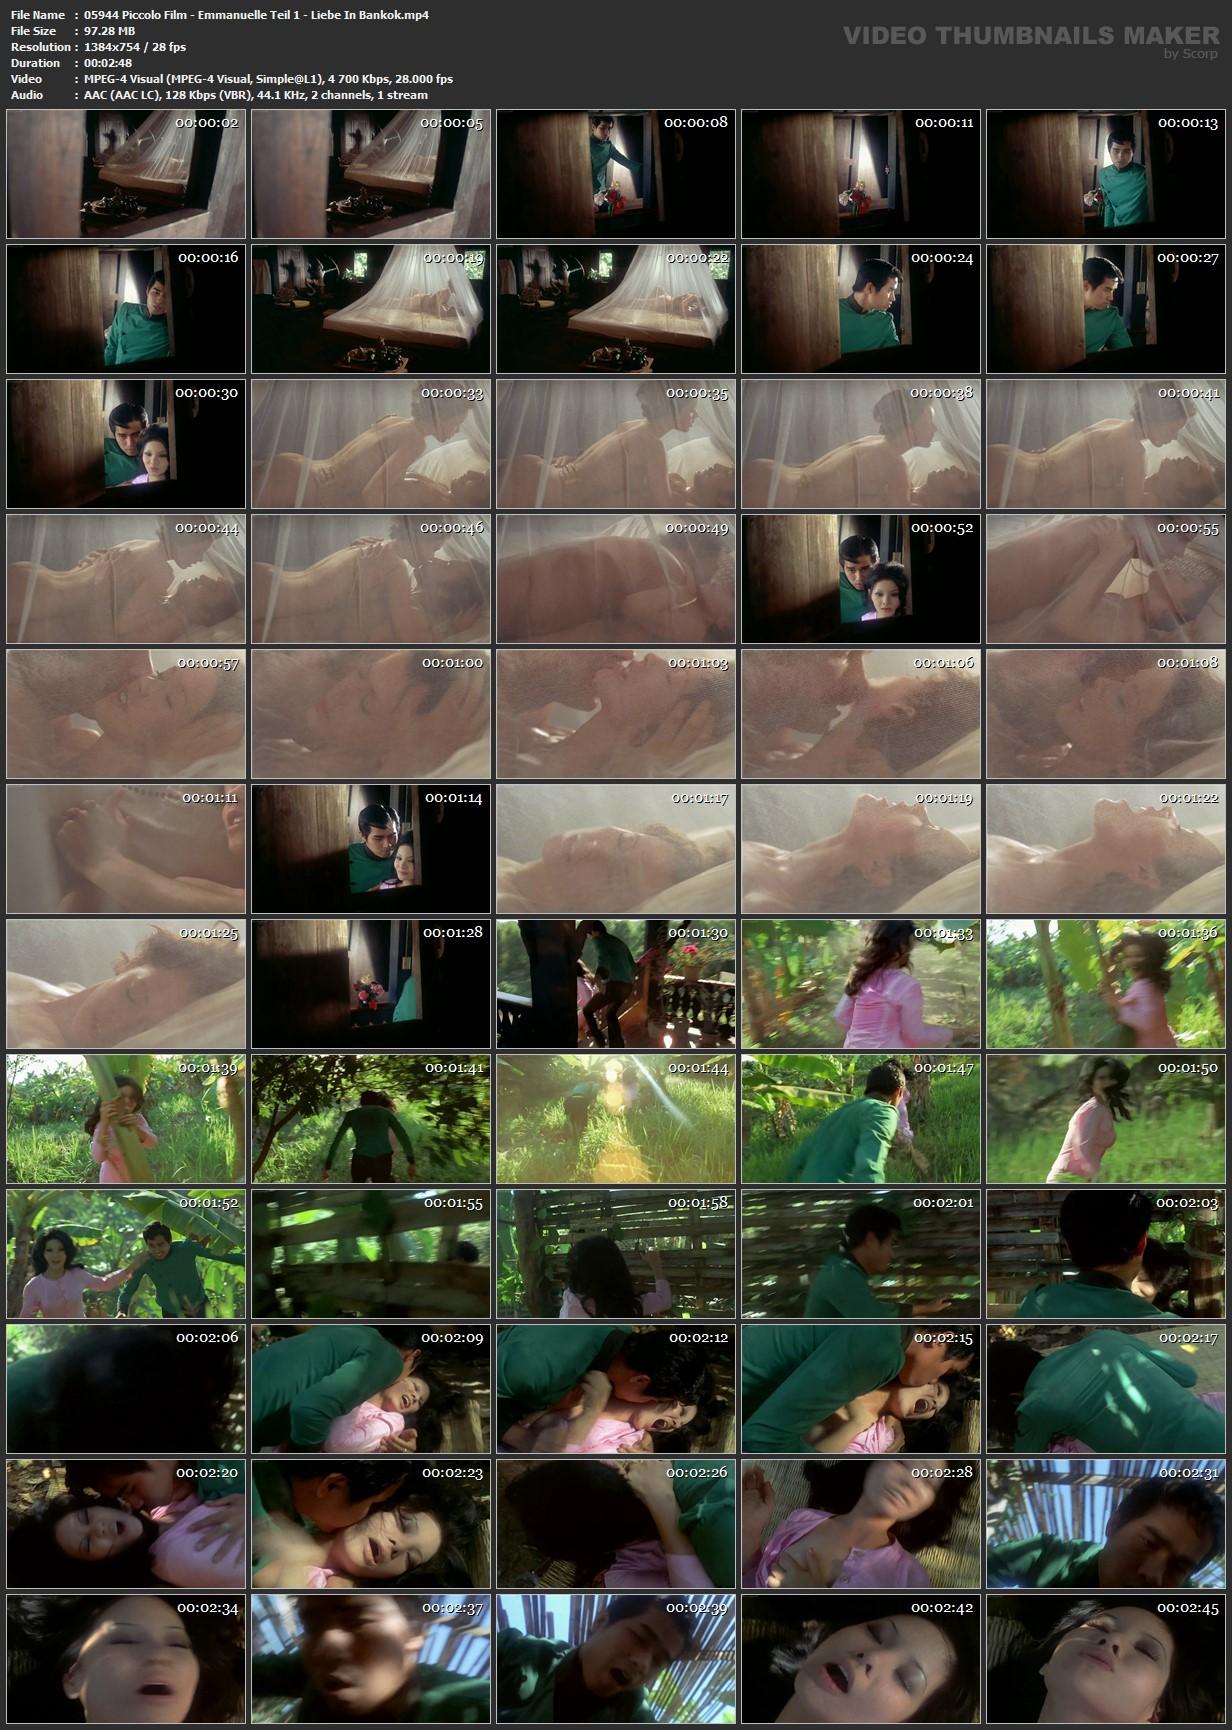 Piccolo Film - Emmanuelle Teil 1 - Liebe In Bankok